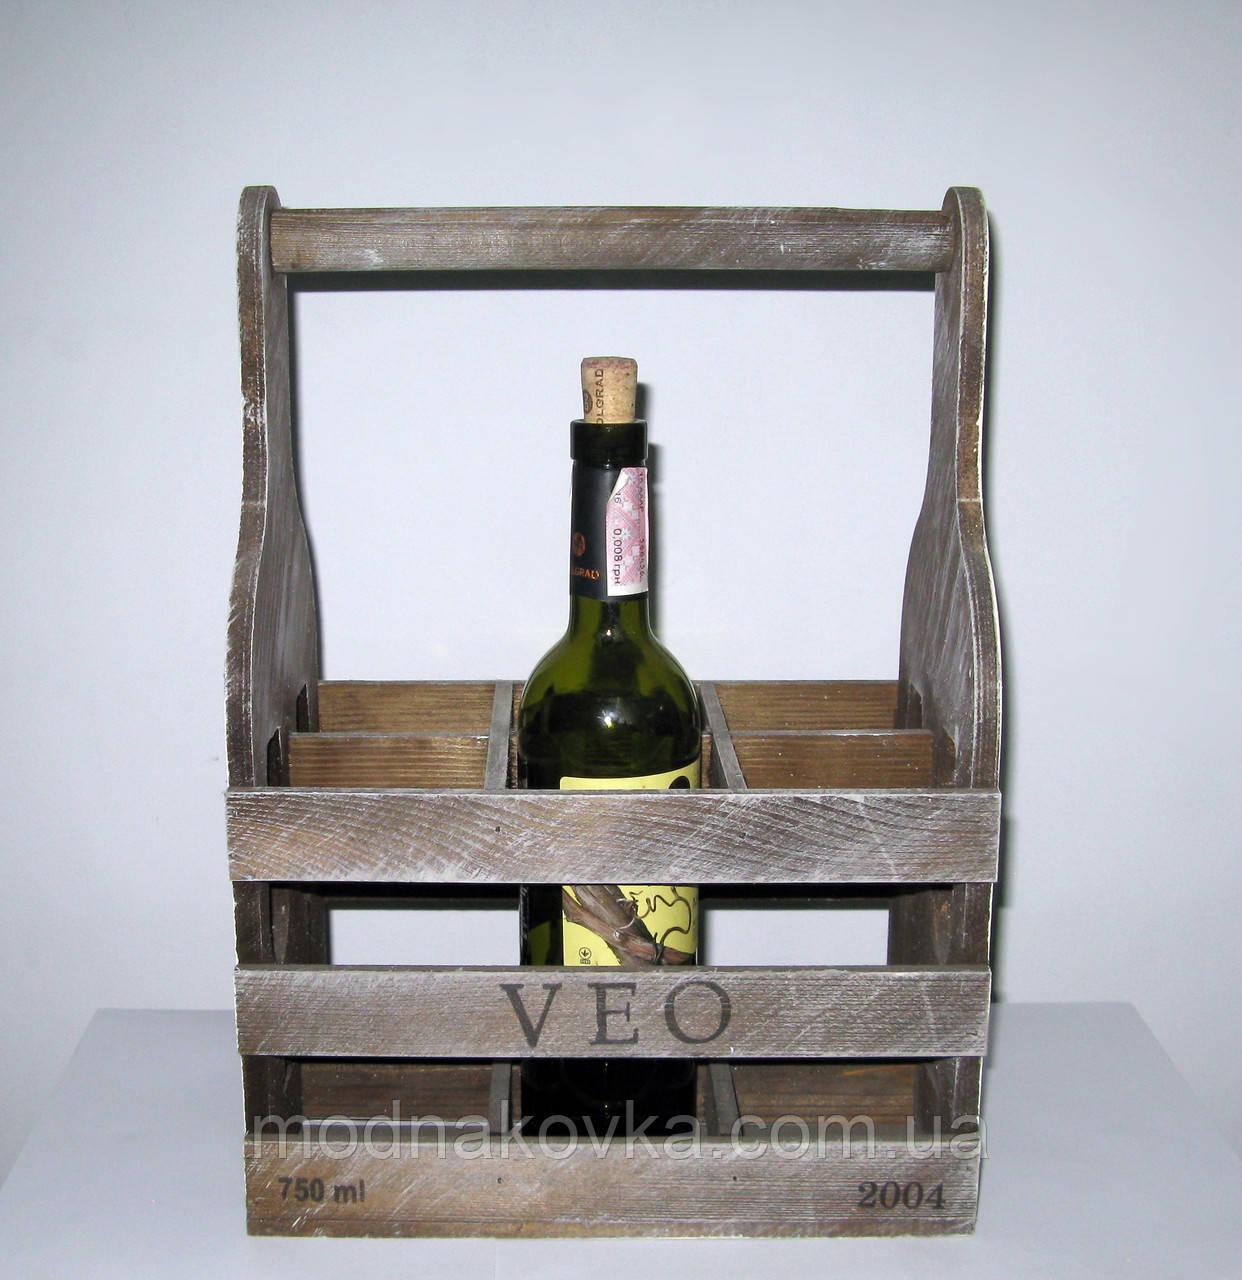 Подставка под бутылки из дерева І Деревянная подставка для вина Бокал на 6 бутылок